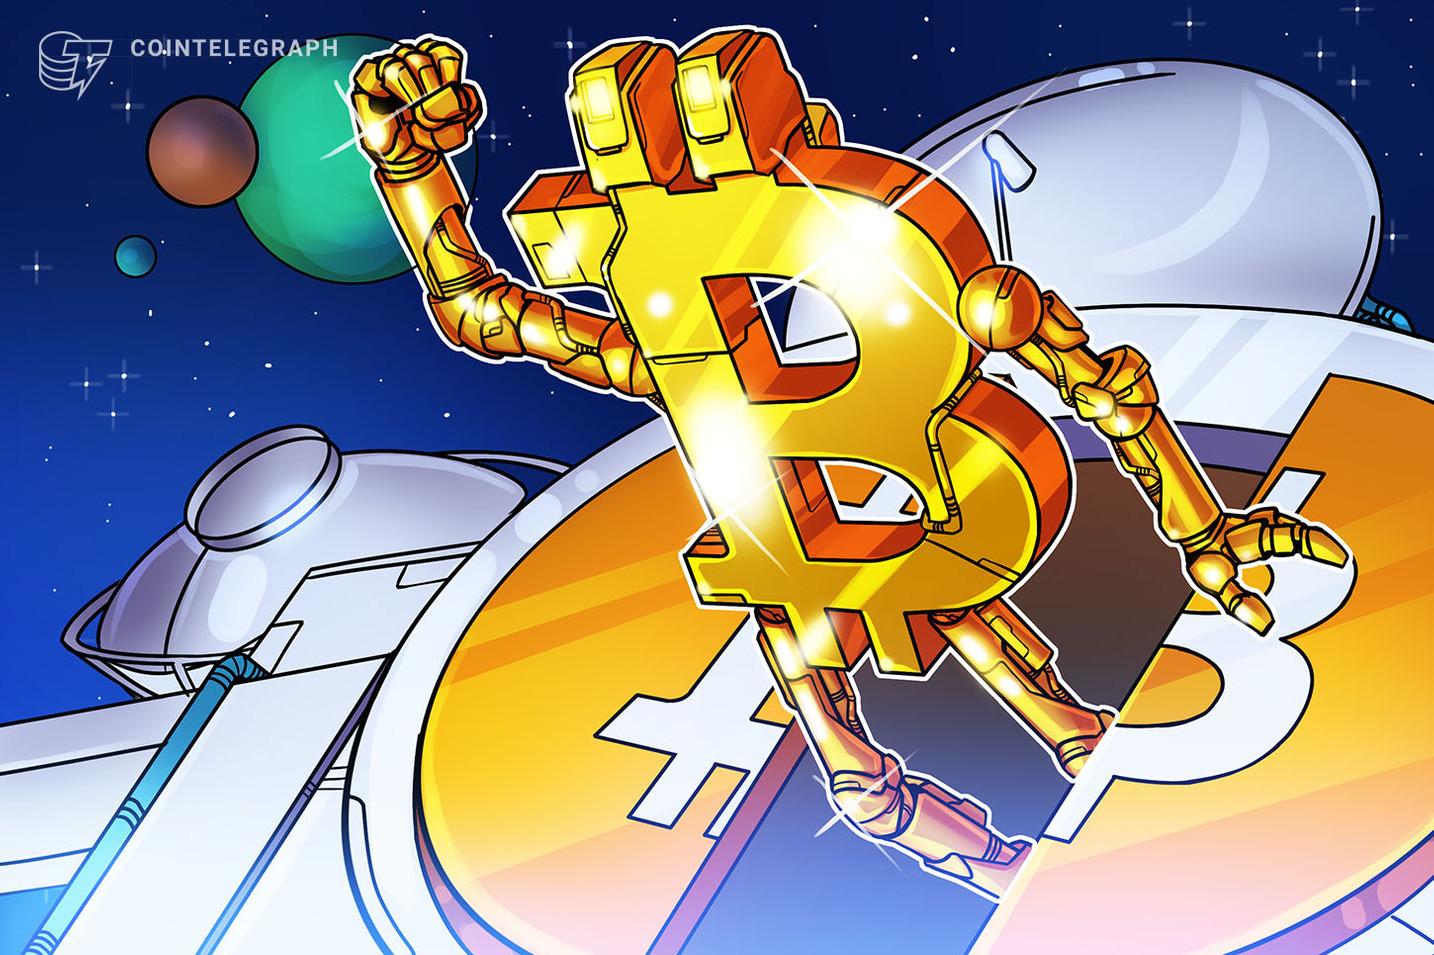 Analiste Göre Bitcoin İlk Yükseliş Sinyalini Verdi